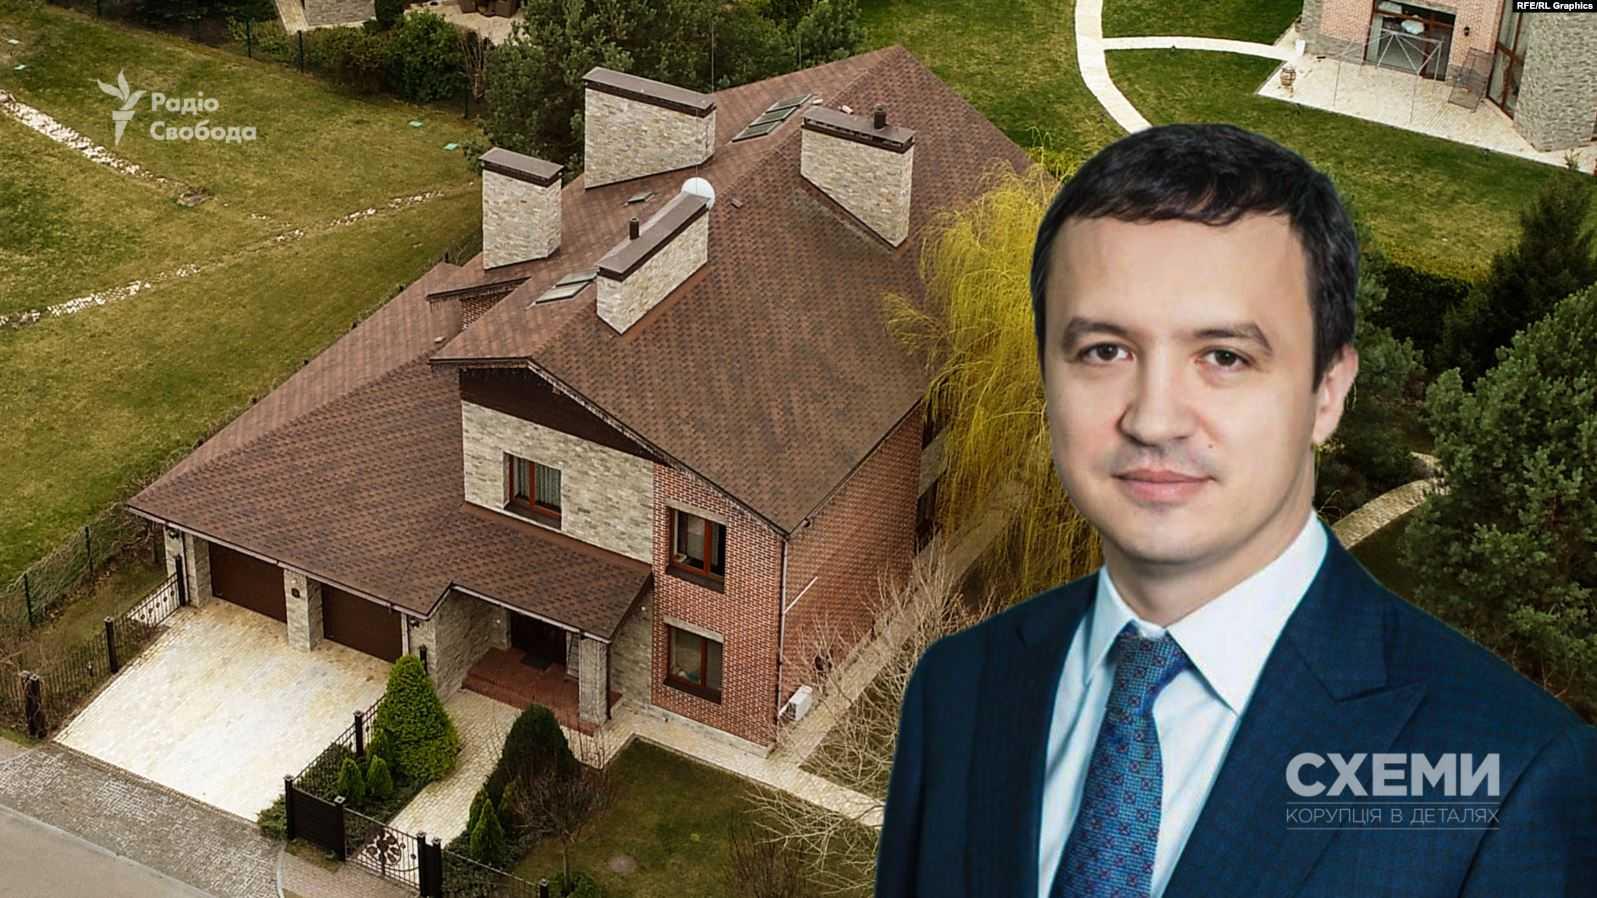 Новий міністр економіки Петрашко не задекларував маєток під Києвом і квартиру дружини в Москві – «Схеми»